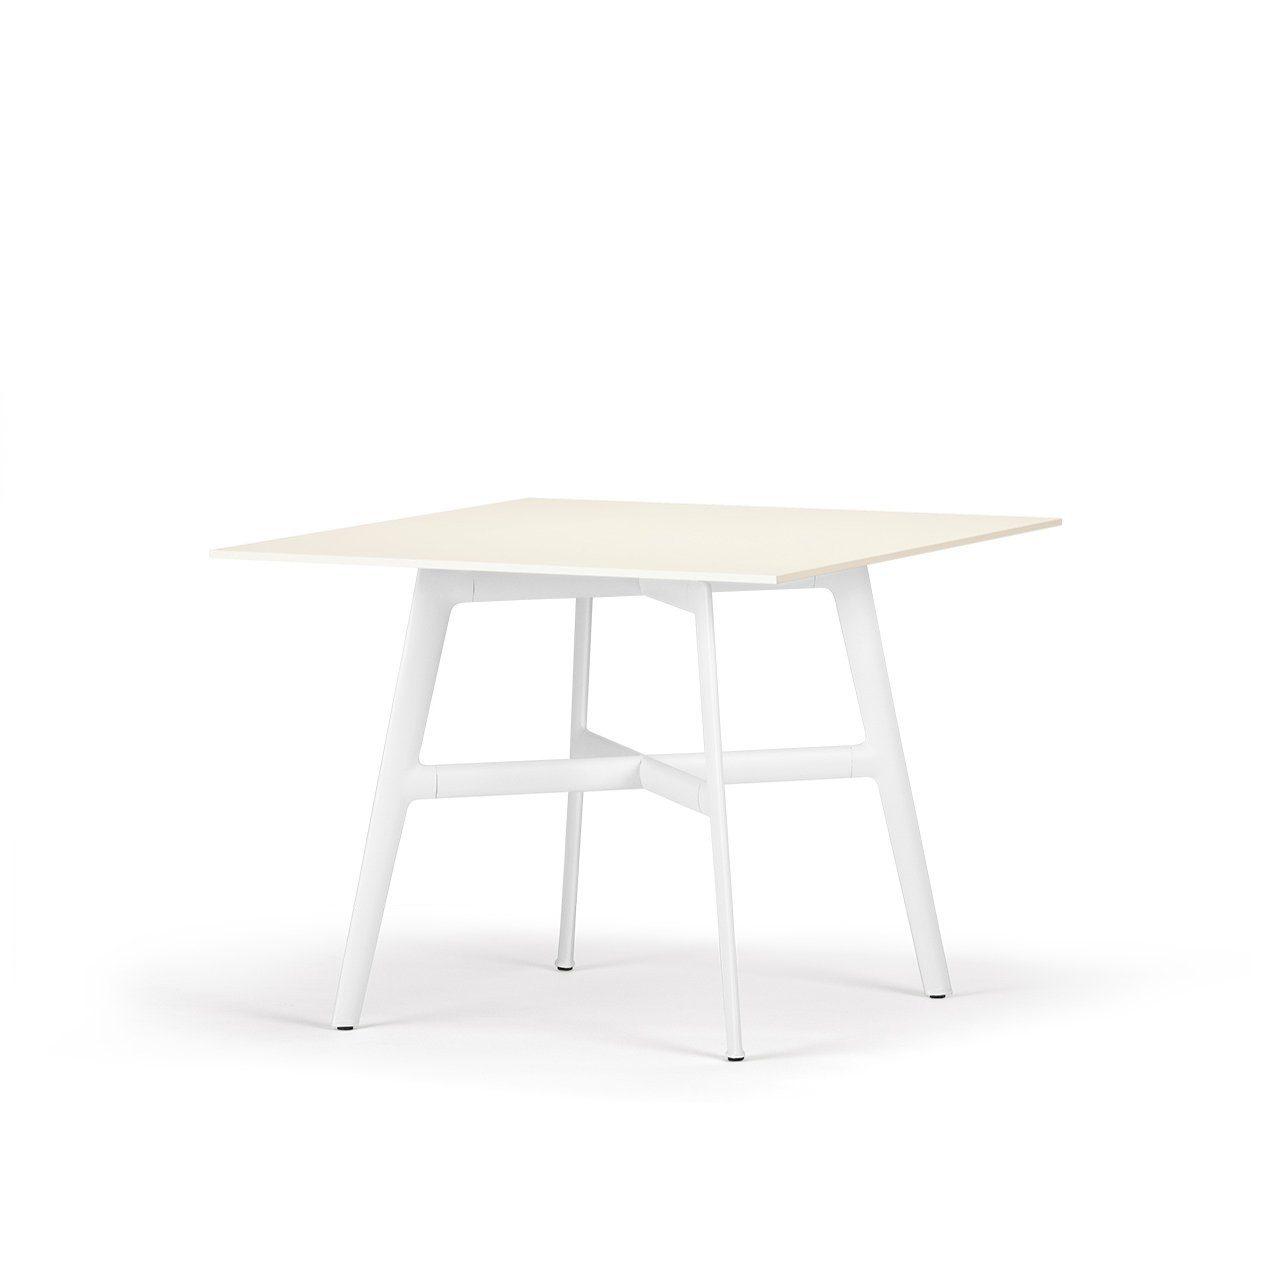 """Inspirierend Esstisch 100x100 Galerie Von Dedon 100x100cm """"seax"""", Aluminiumgestell Weiss, Tischplatte Lapitec®"""